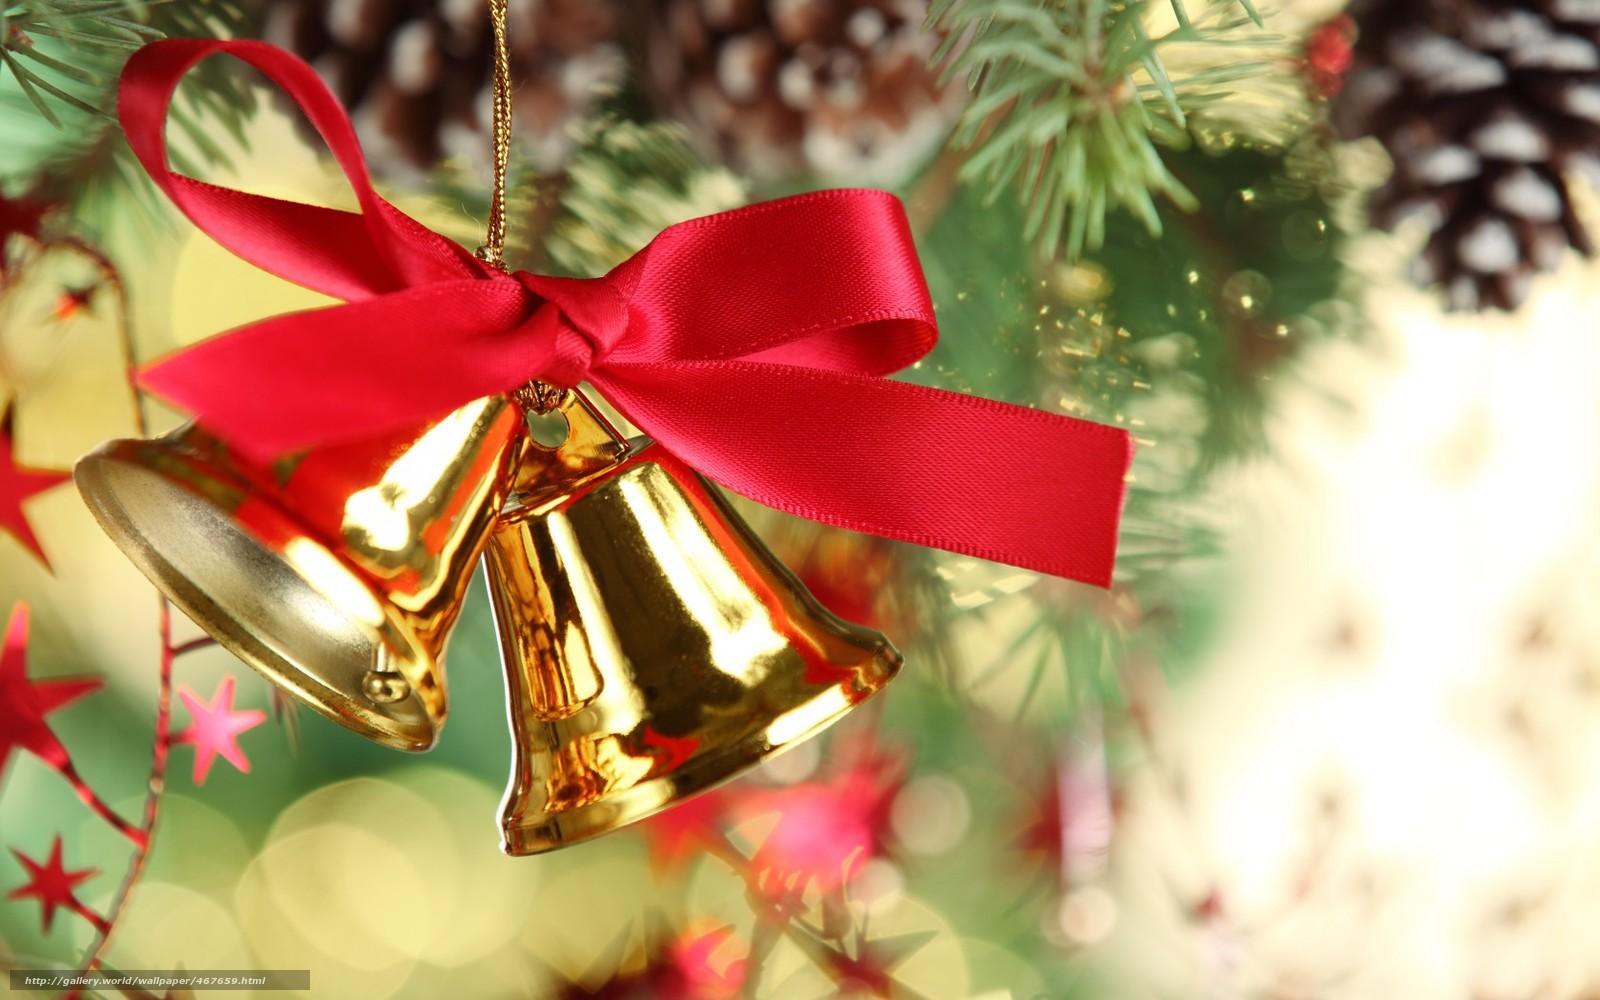 Новый год уже на пороге:) Выкуп 2. Символ года, праздничный декор, украшения для ёлки, гирлянды, деды морозы и снеговики, карнавальные костюмы и многое-многое другое! А так же надувные фигуры по отличным ценам!